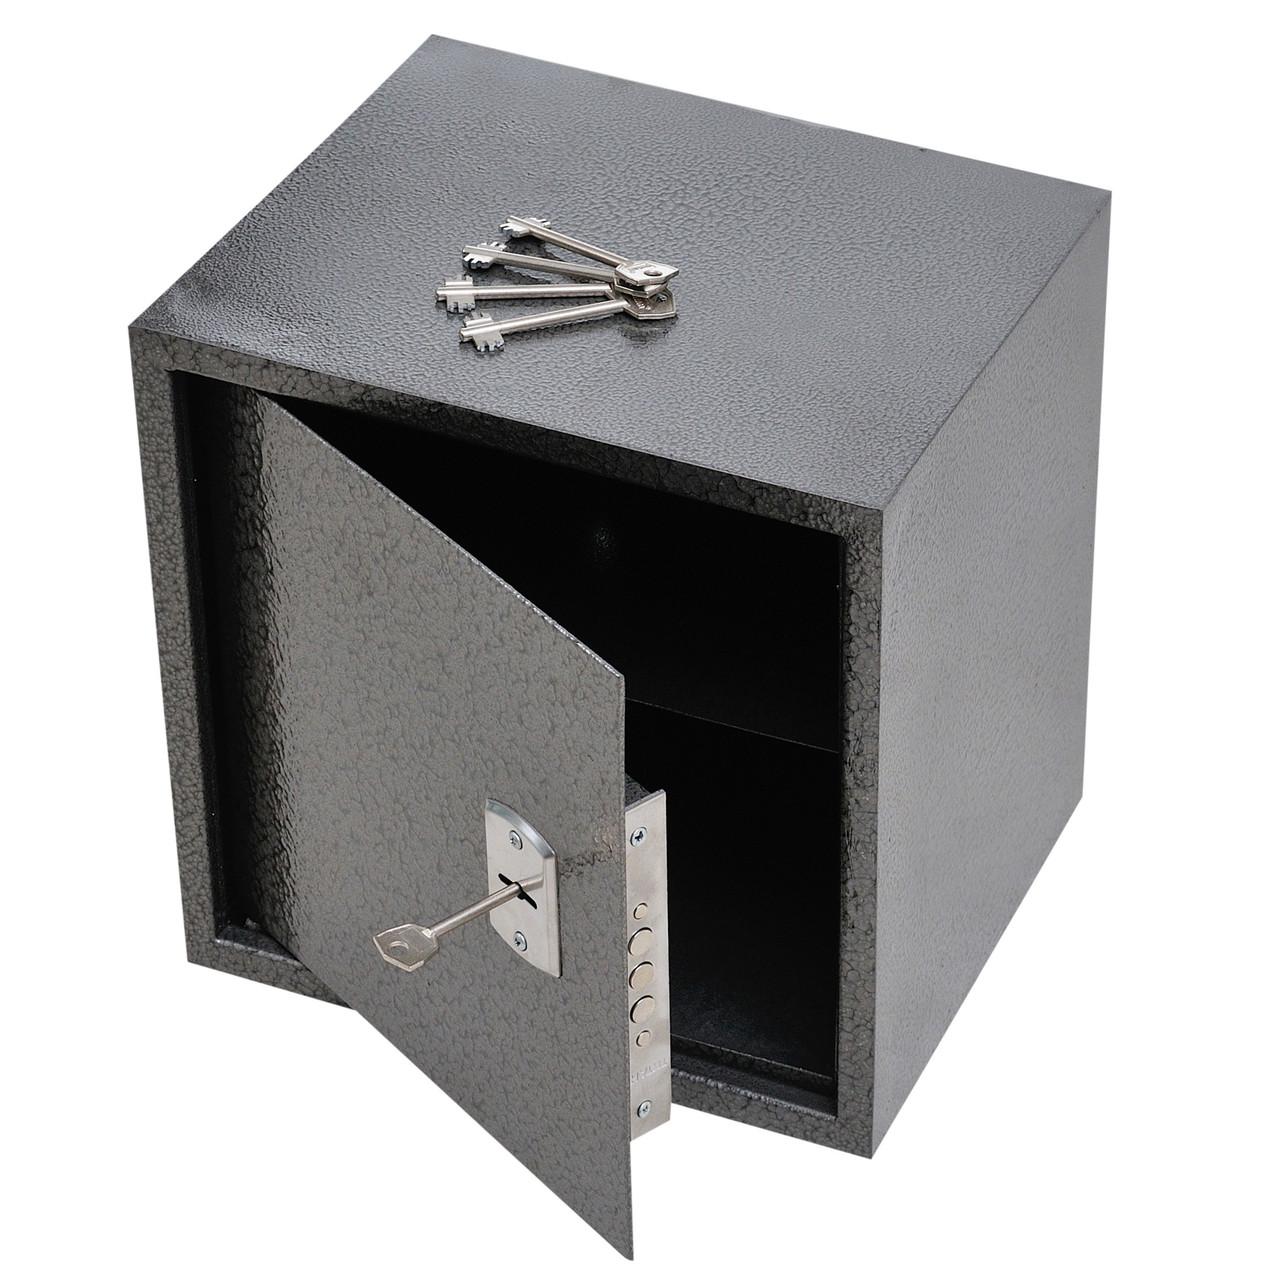 Сейф меблевий металевий для грошей паперів документів 35х35х30 см (Маленький сейф з механічним замком)